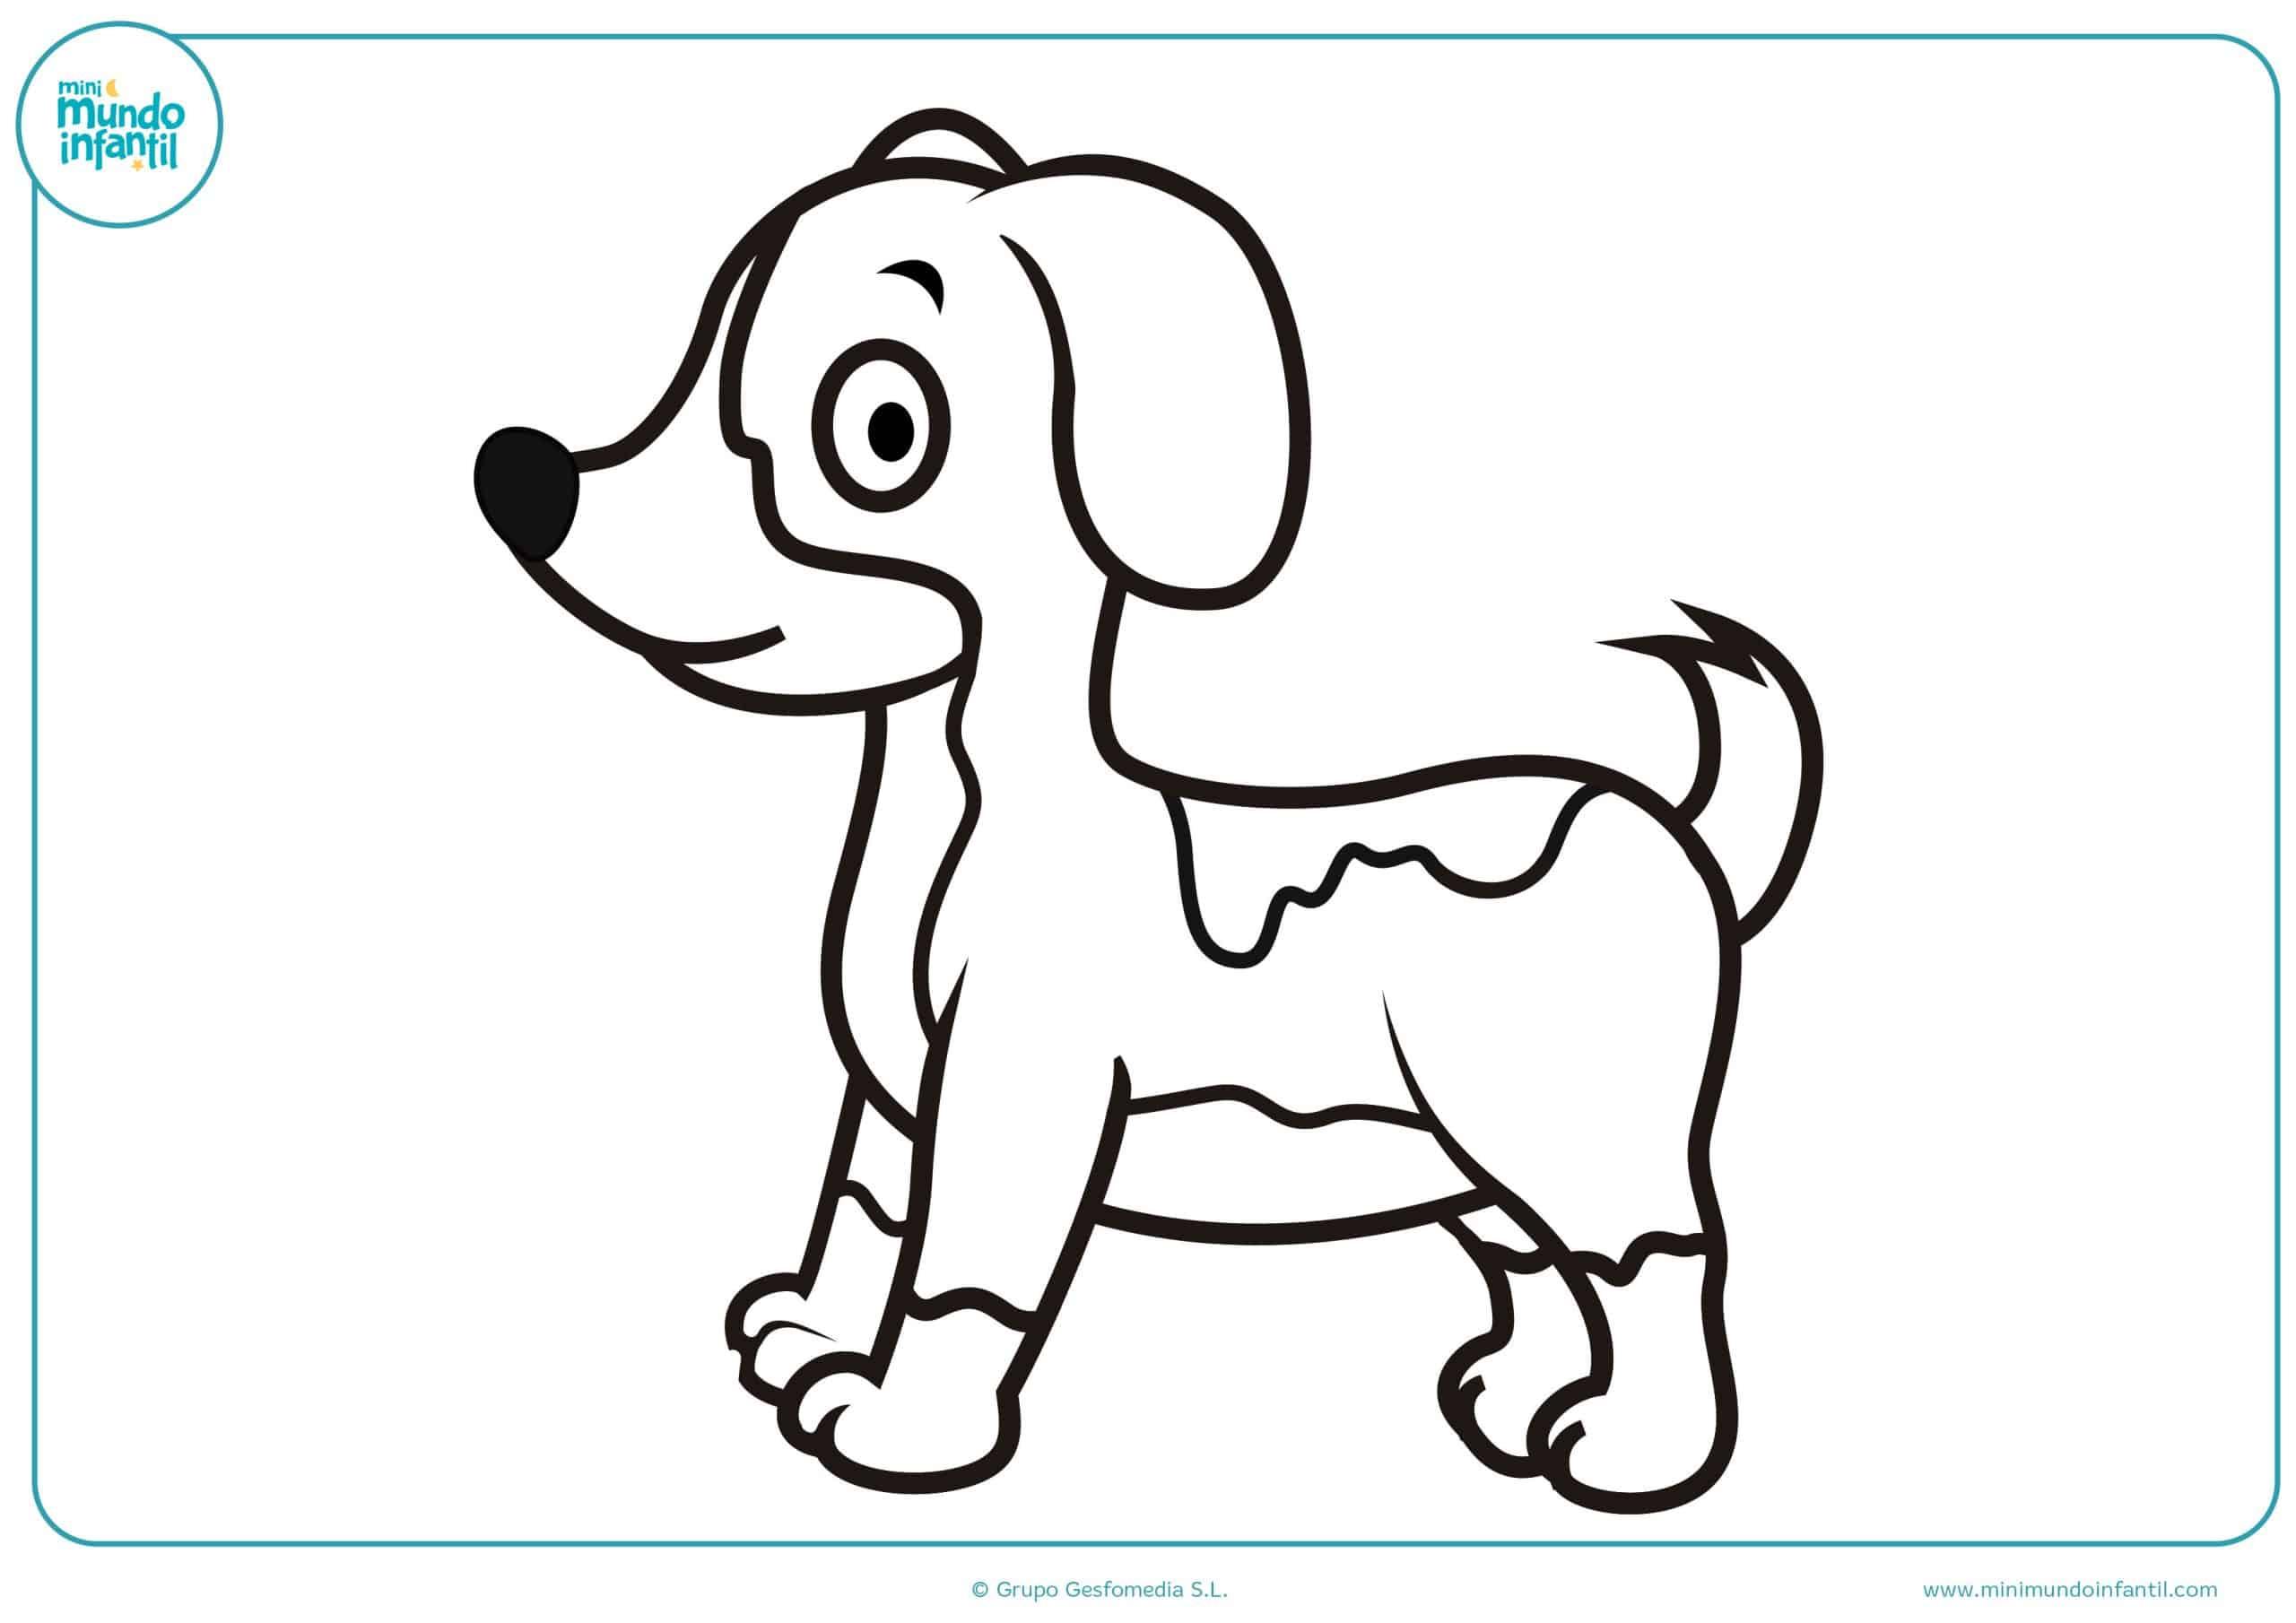 Dibujos Sin Colorear Dibujos De Piolín Para Colorear: Dibujos De Perros Para Colorear